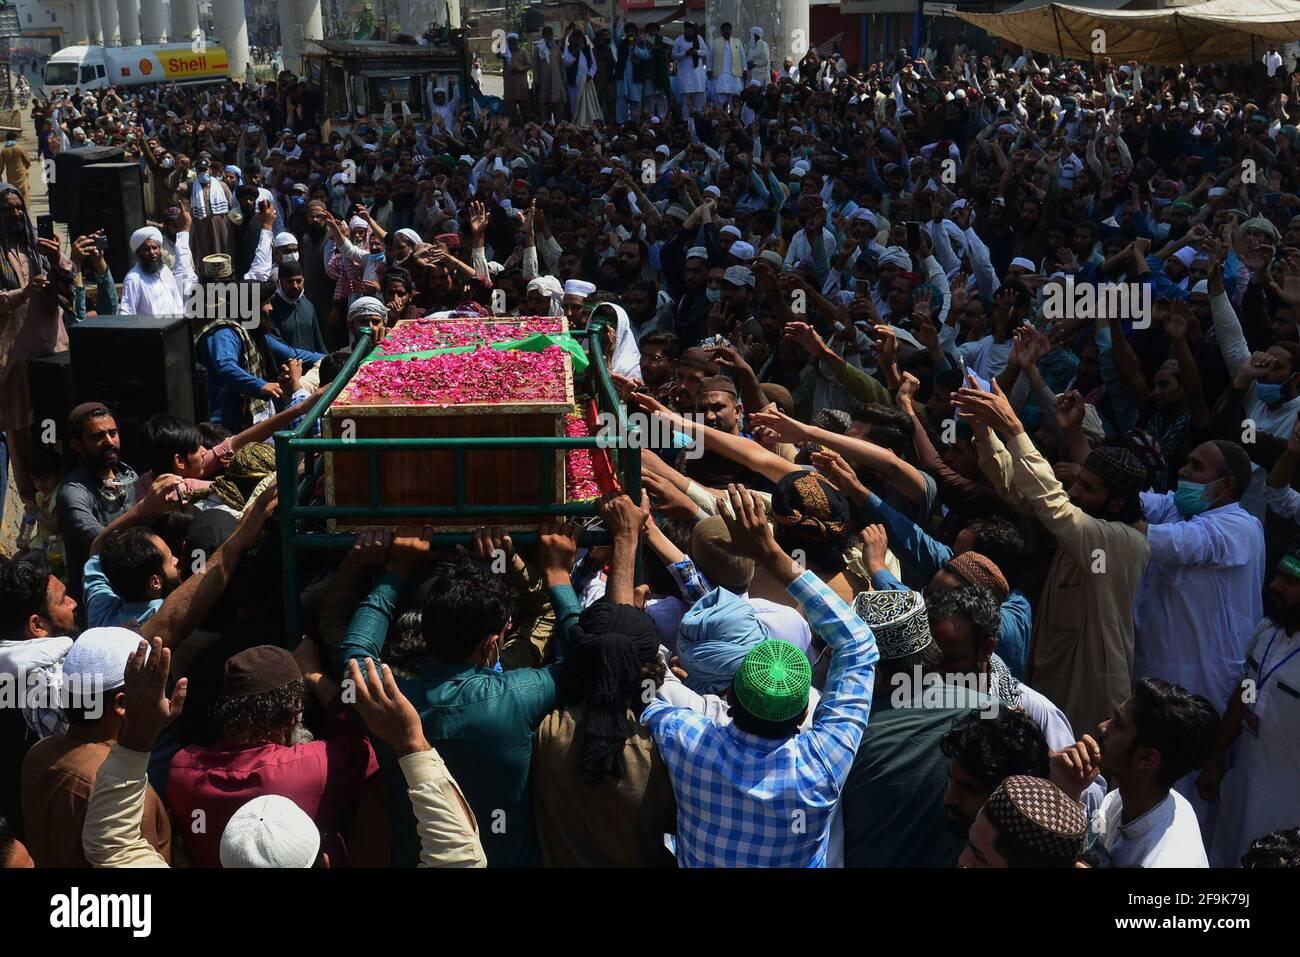 Lahore, Pakistán. 19th de Abr de 2021. Los partidarios del partido de Tehreek-e-Labbaik Pakistán (TLP) llevan el ataúd y gritan eslóganes durante la oración fúnebre de su colega de un camarada que fue asesinado en el enfrentamiento del domingo con las fuerzas de seguridad, Una protesta después de que su líder fuera detenido a raíz de sus peticiones de expulsión del embajador francés en Lahore. (Foto de Rana Sajid Hussain/Pacific Press) Crédito: Pacific Press Media Production Corp./Alamy Live News Foto de stock